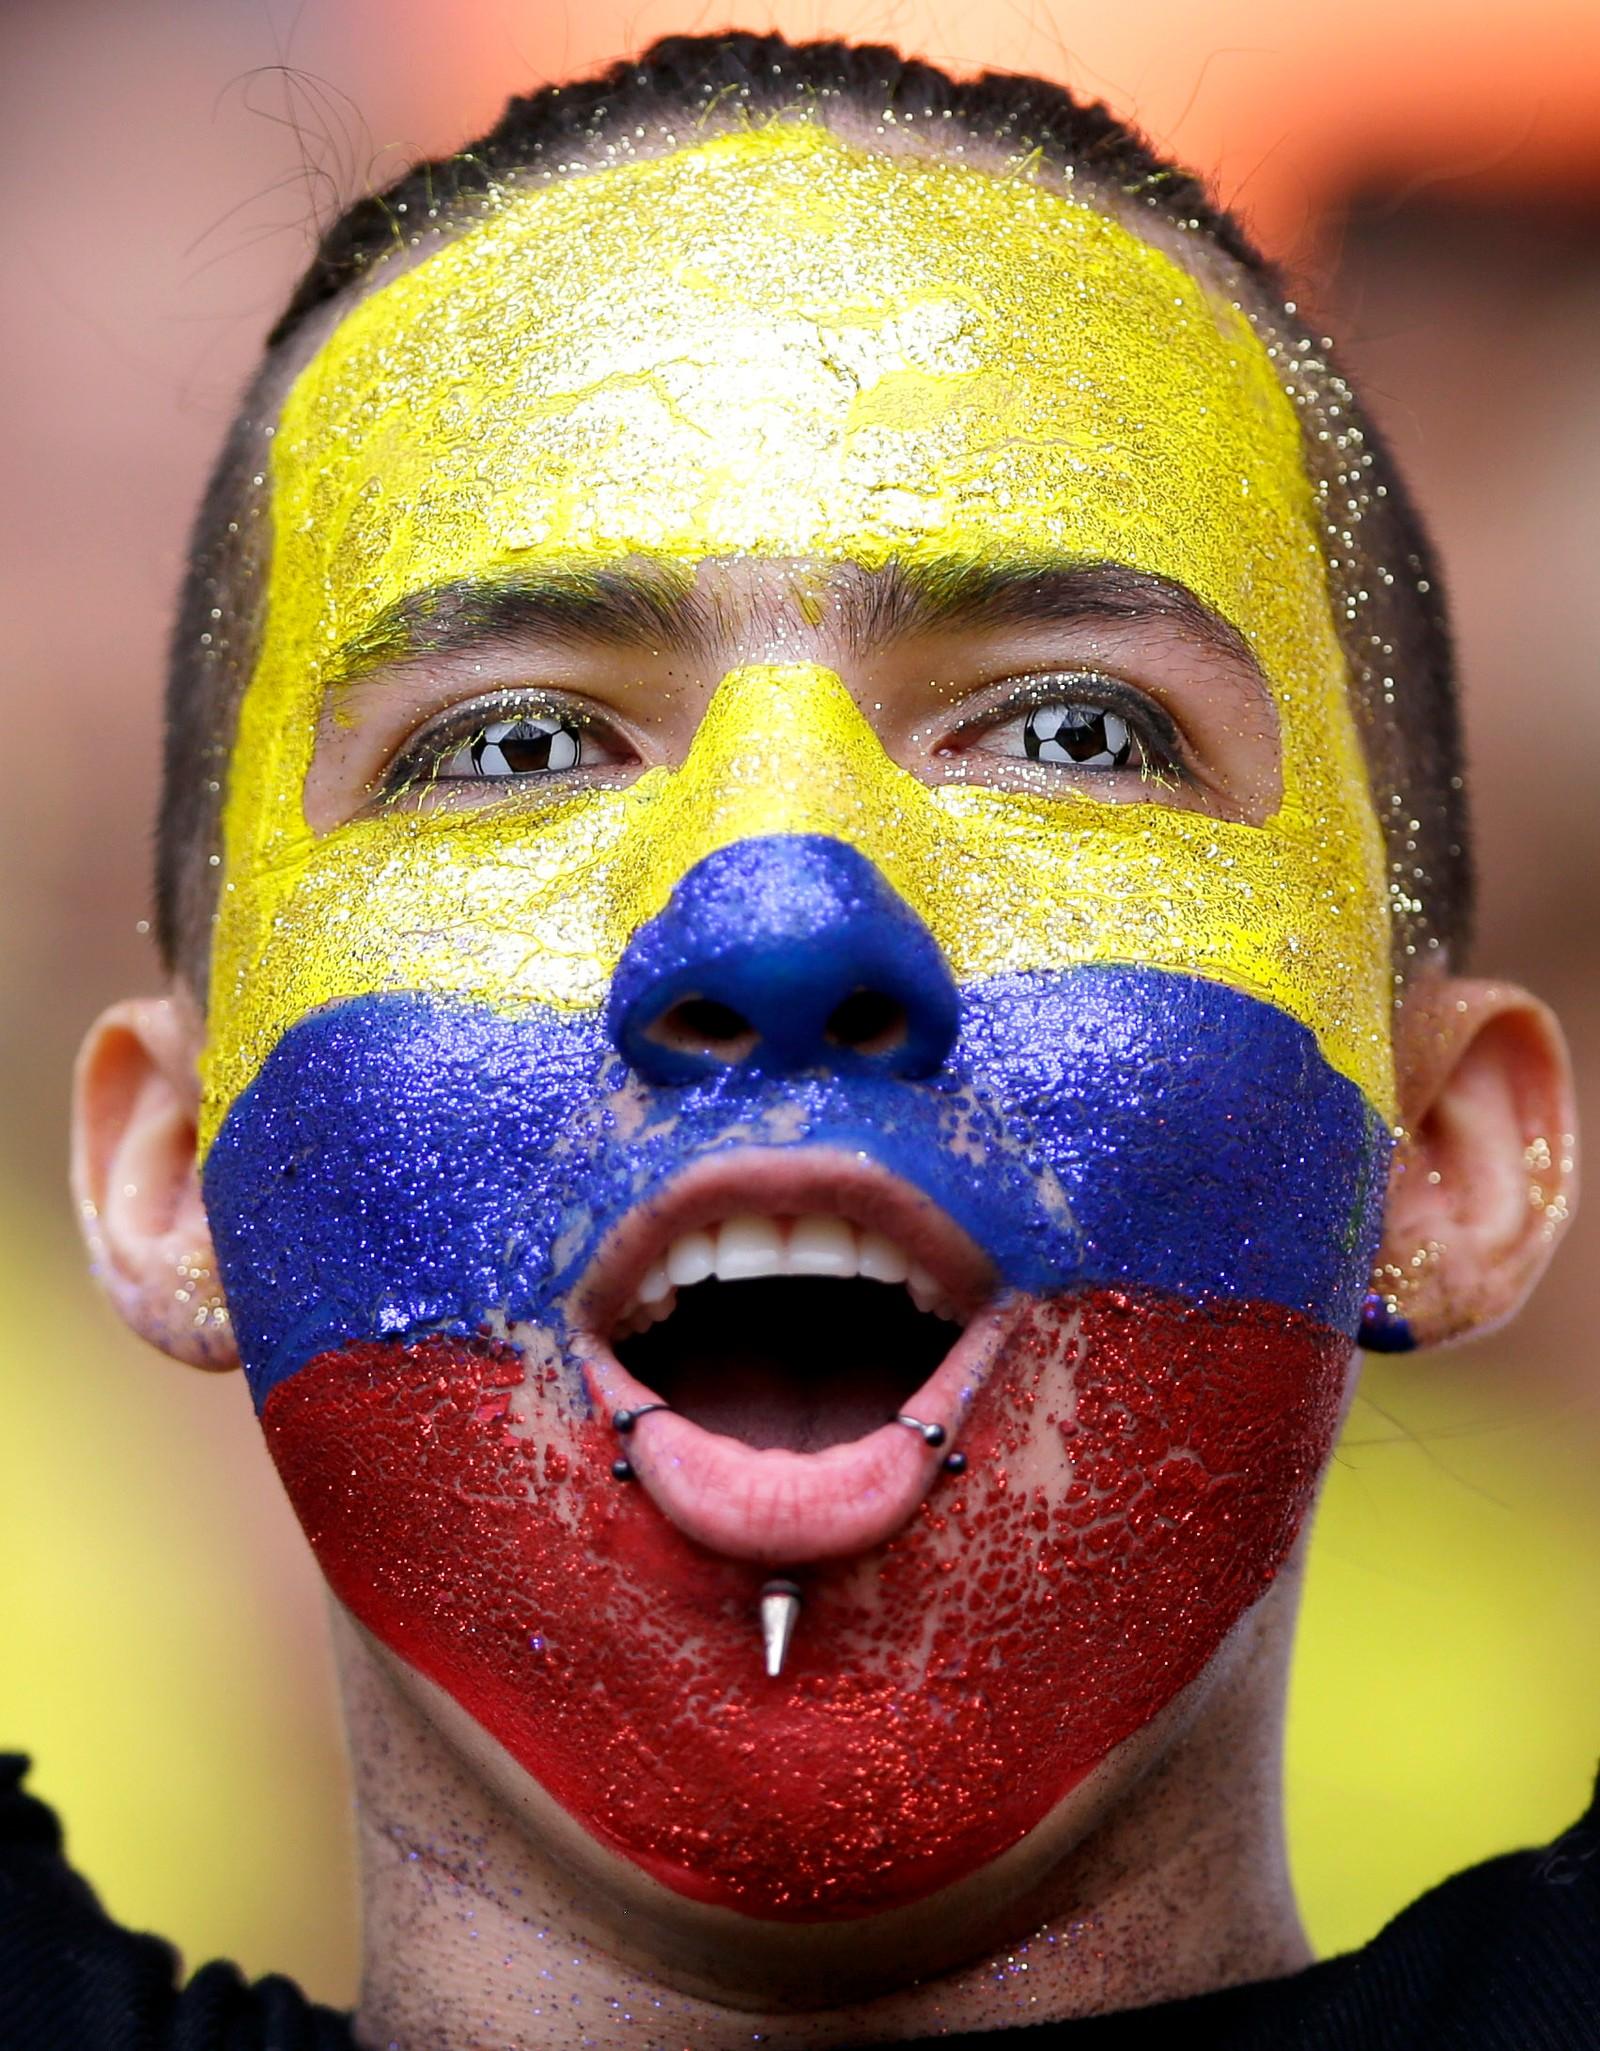 Han er litt over middels interessert i fotball. Det ble til slutt 2-2 mellom Colombia og Uruguay.